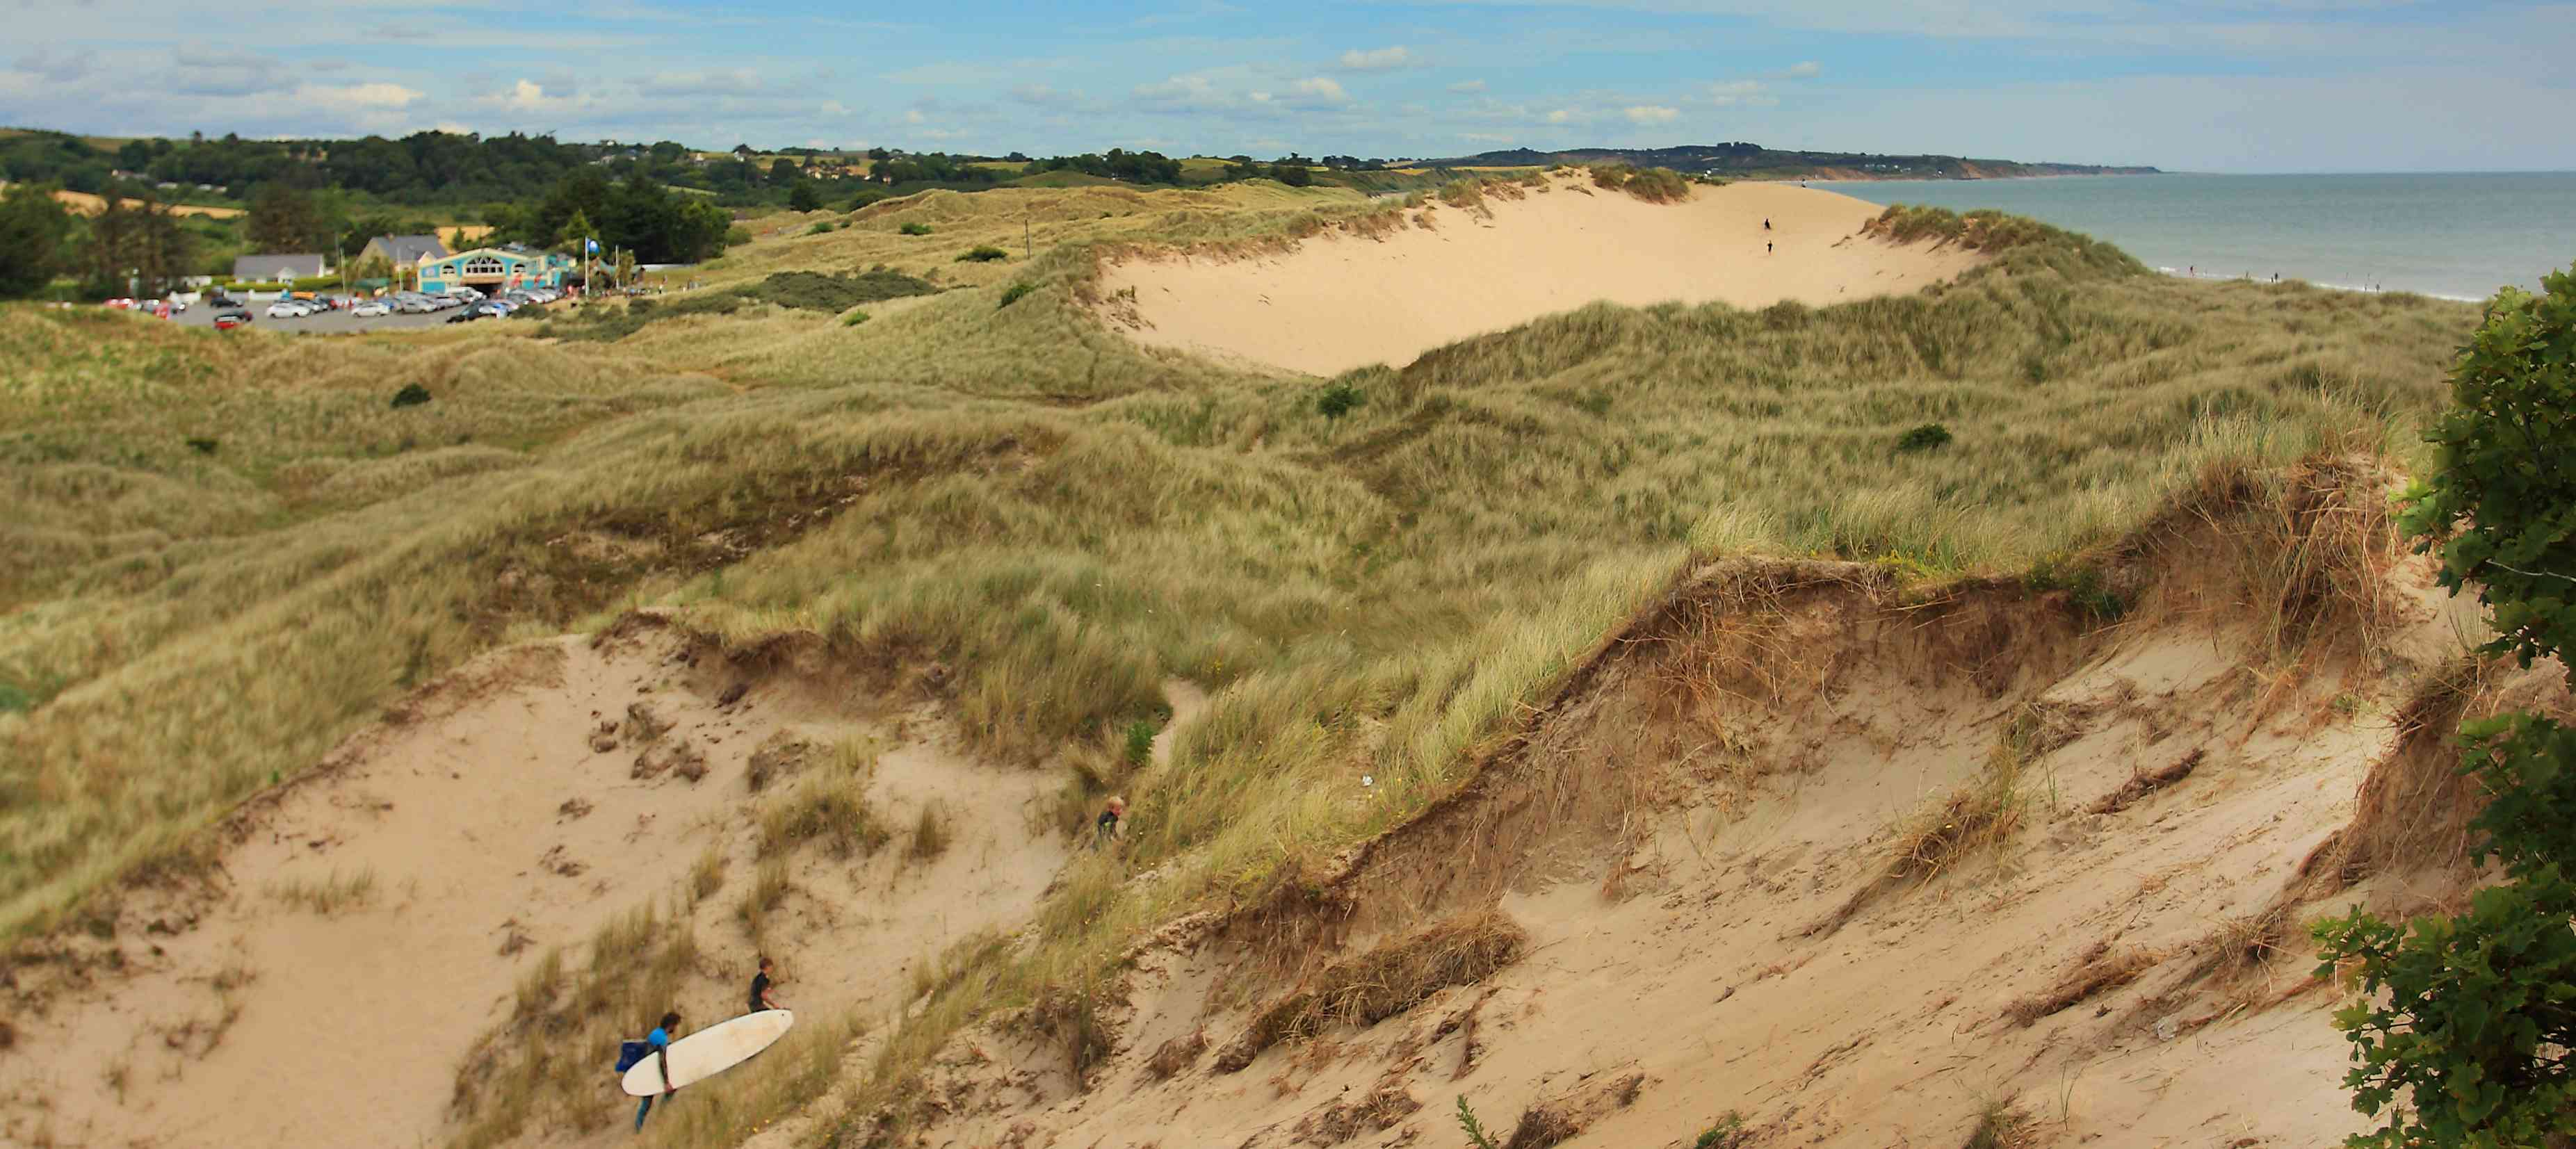 surfers walk up dunes in Ireland